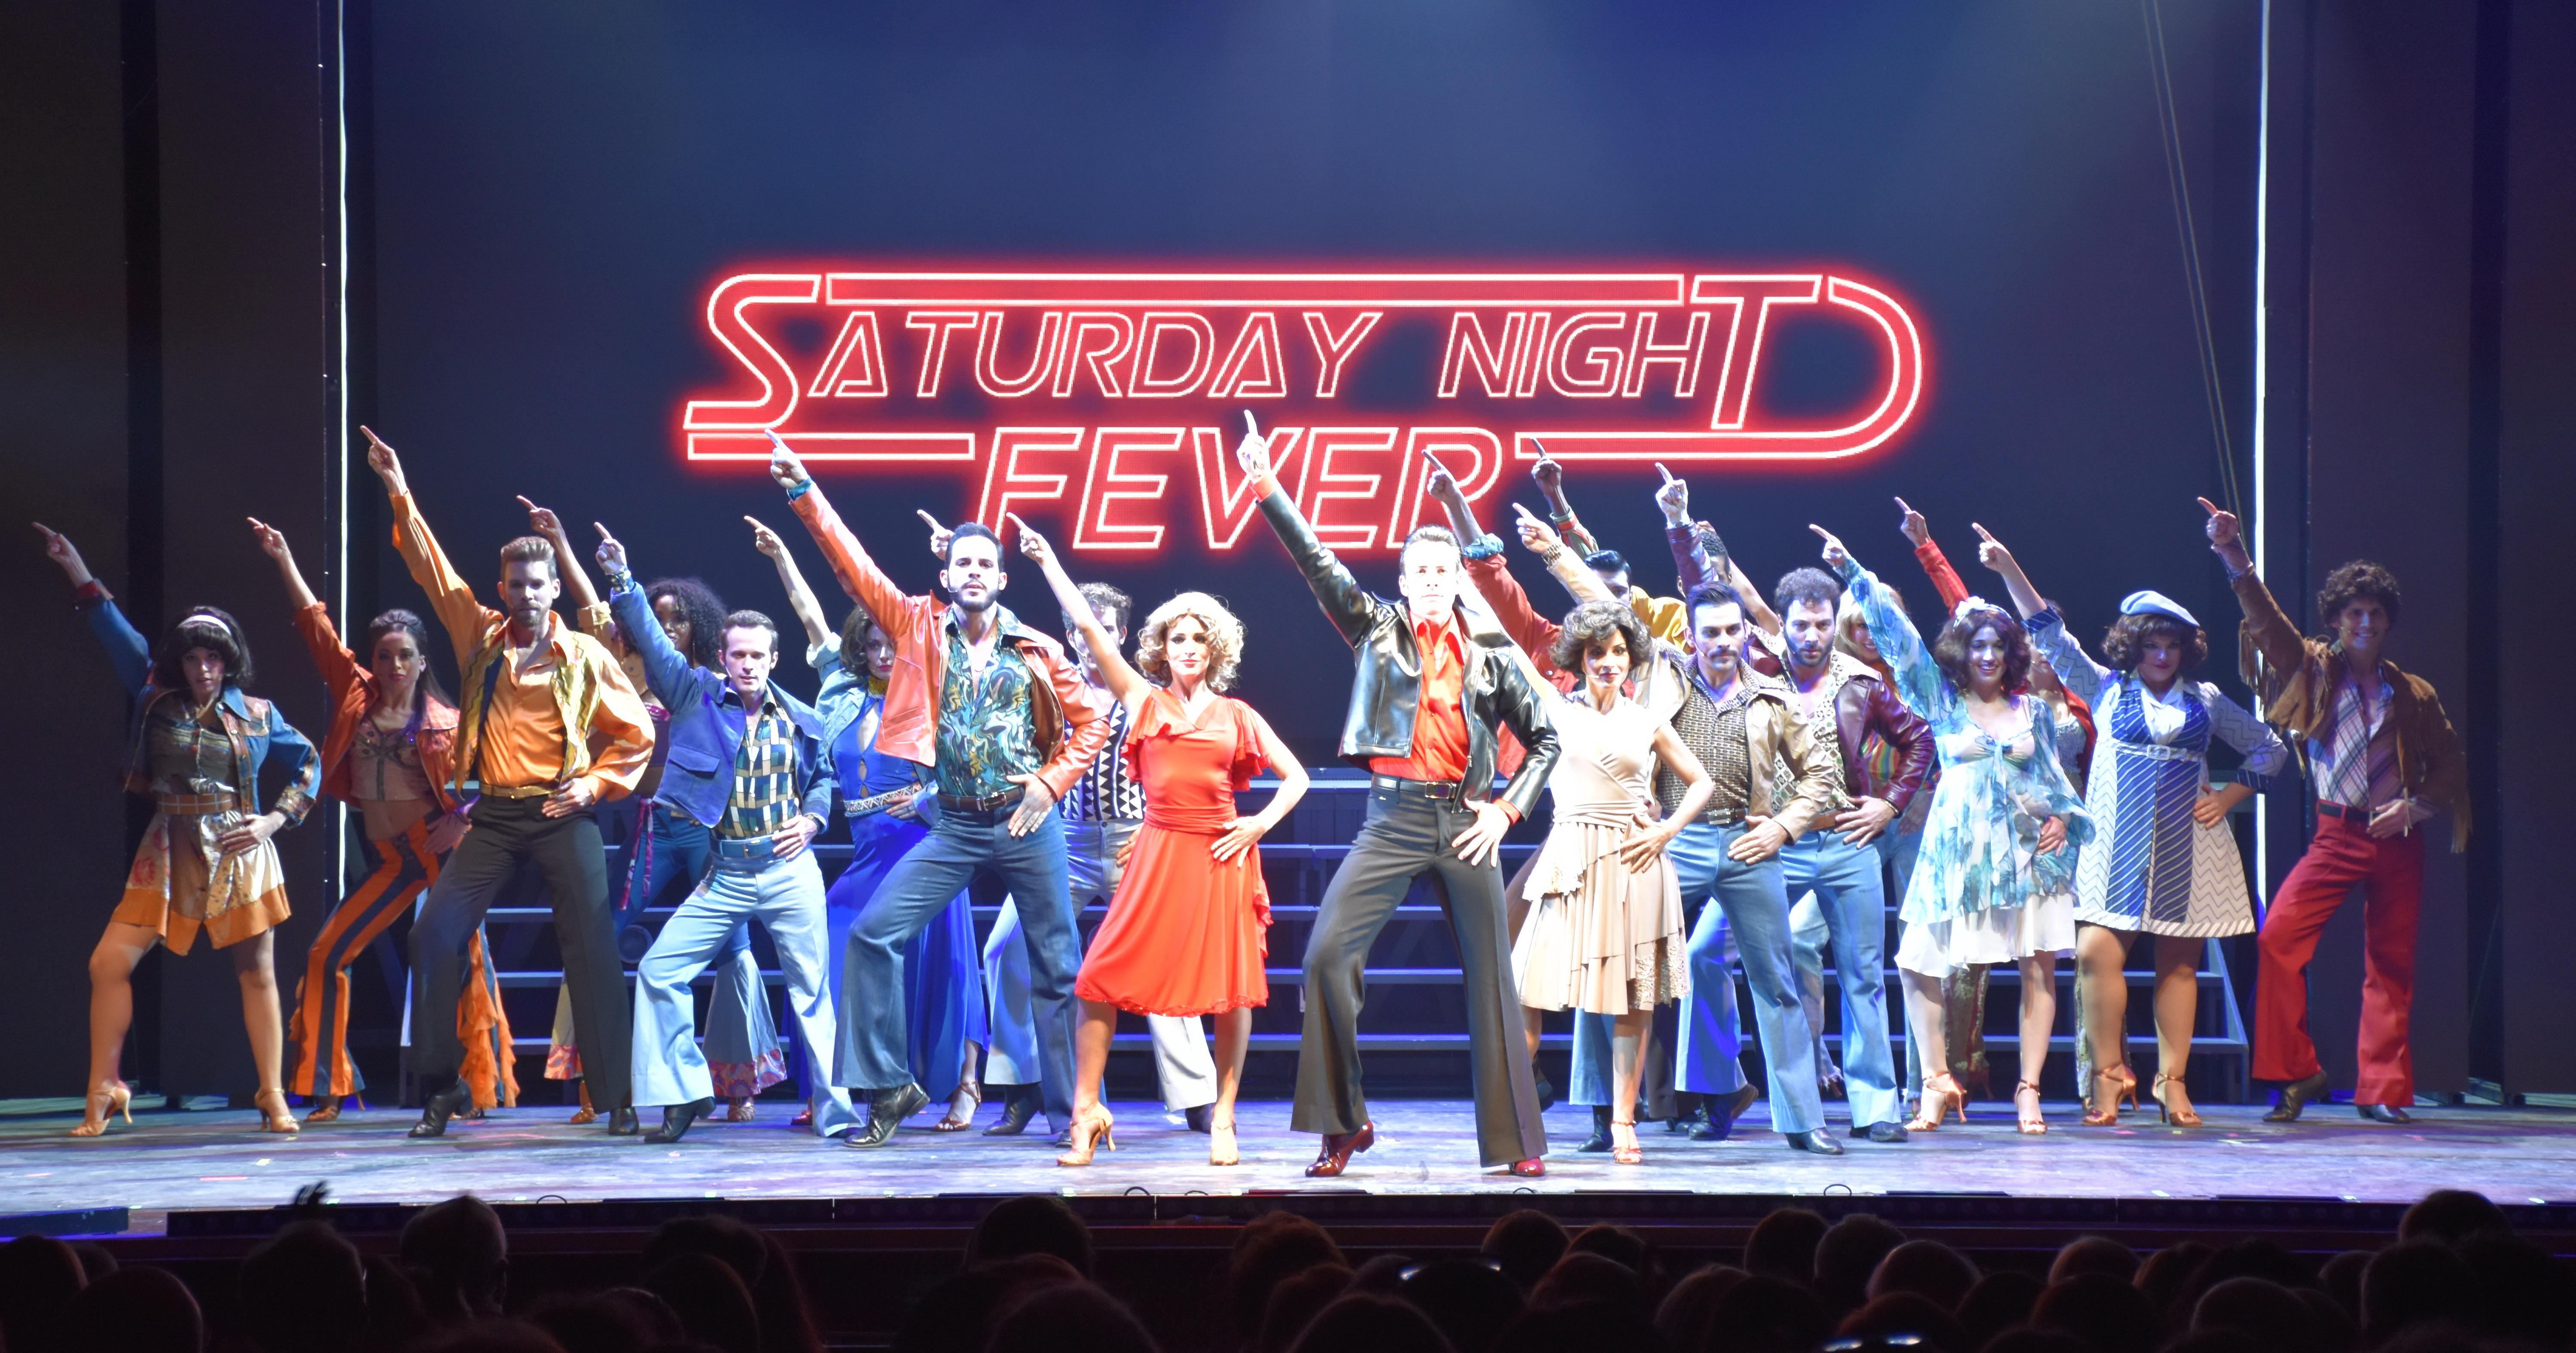 La febbre del sabato sera, il musical tratto dal celebre film Saturday night fevercon John Travolta, è in scena al Teatro Olimpico di Roma per festeggiare i suoi40 anni. Ne […]